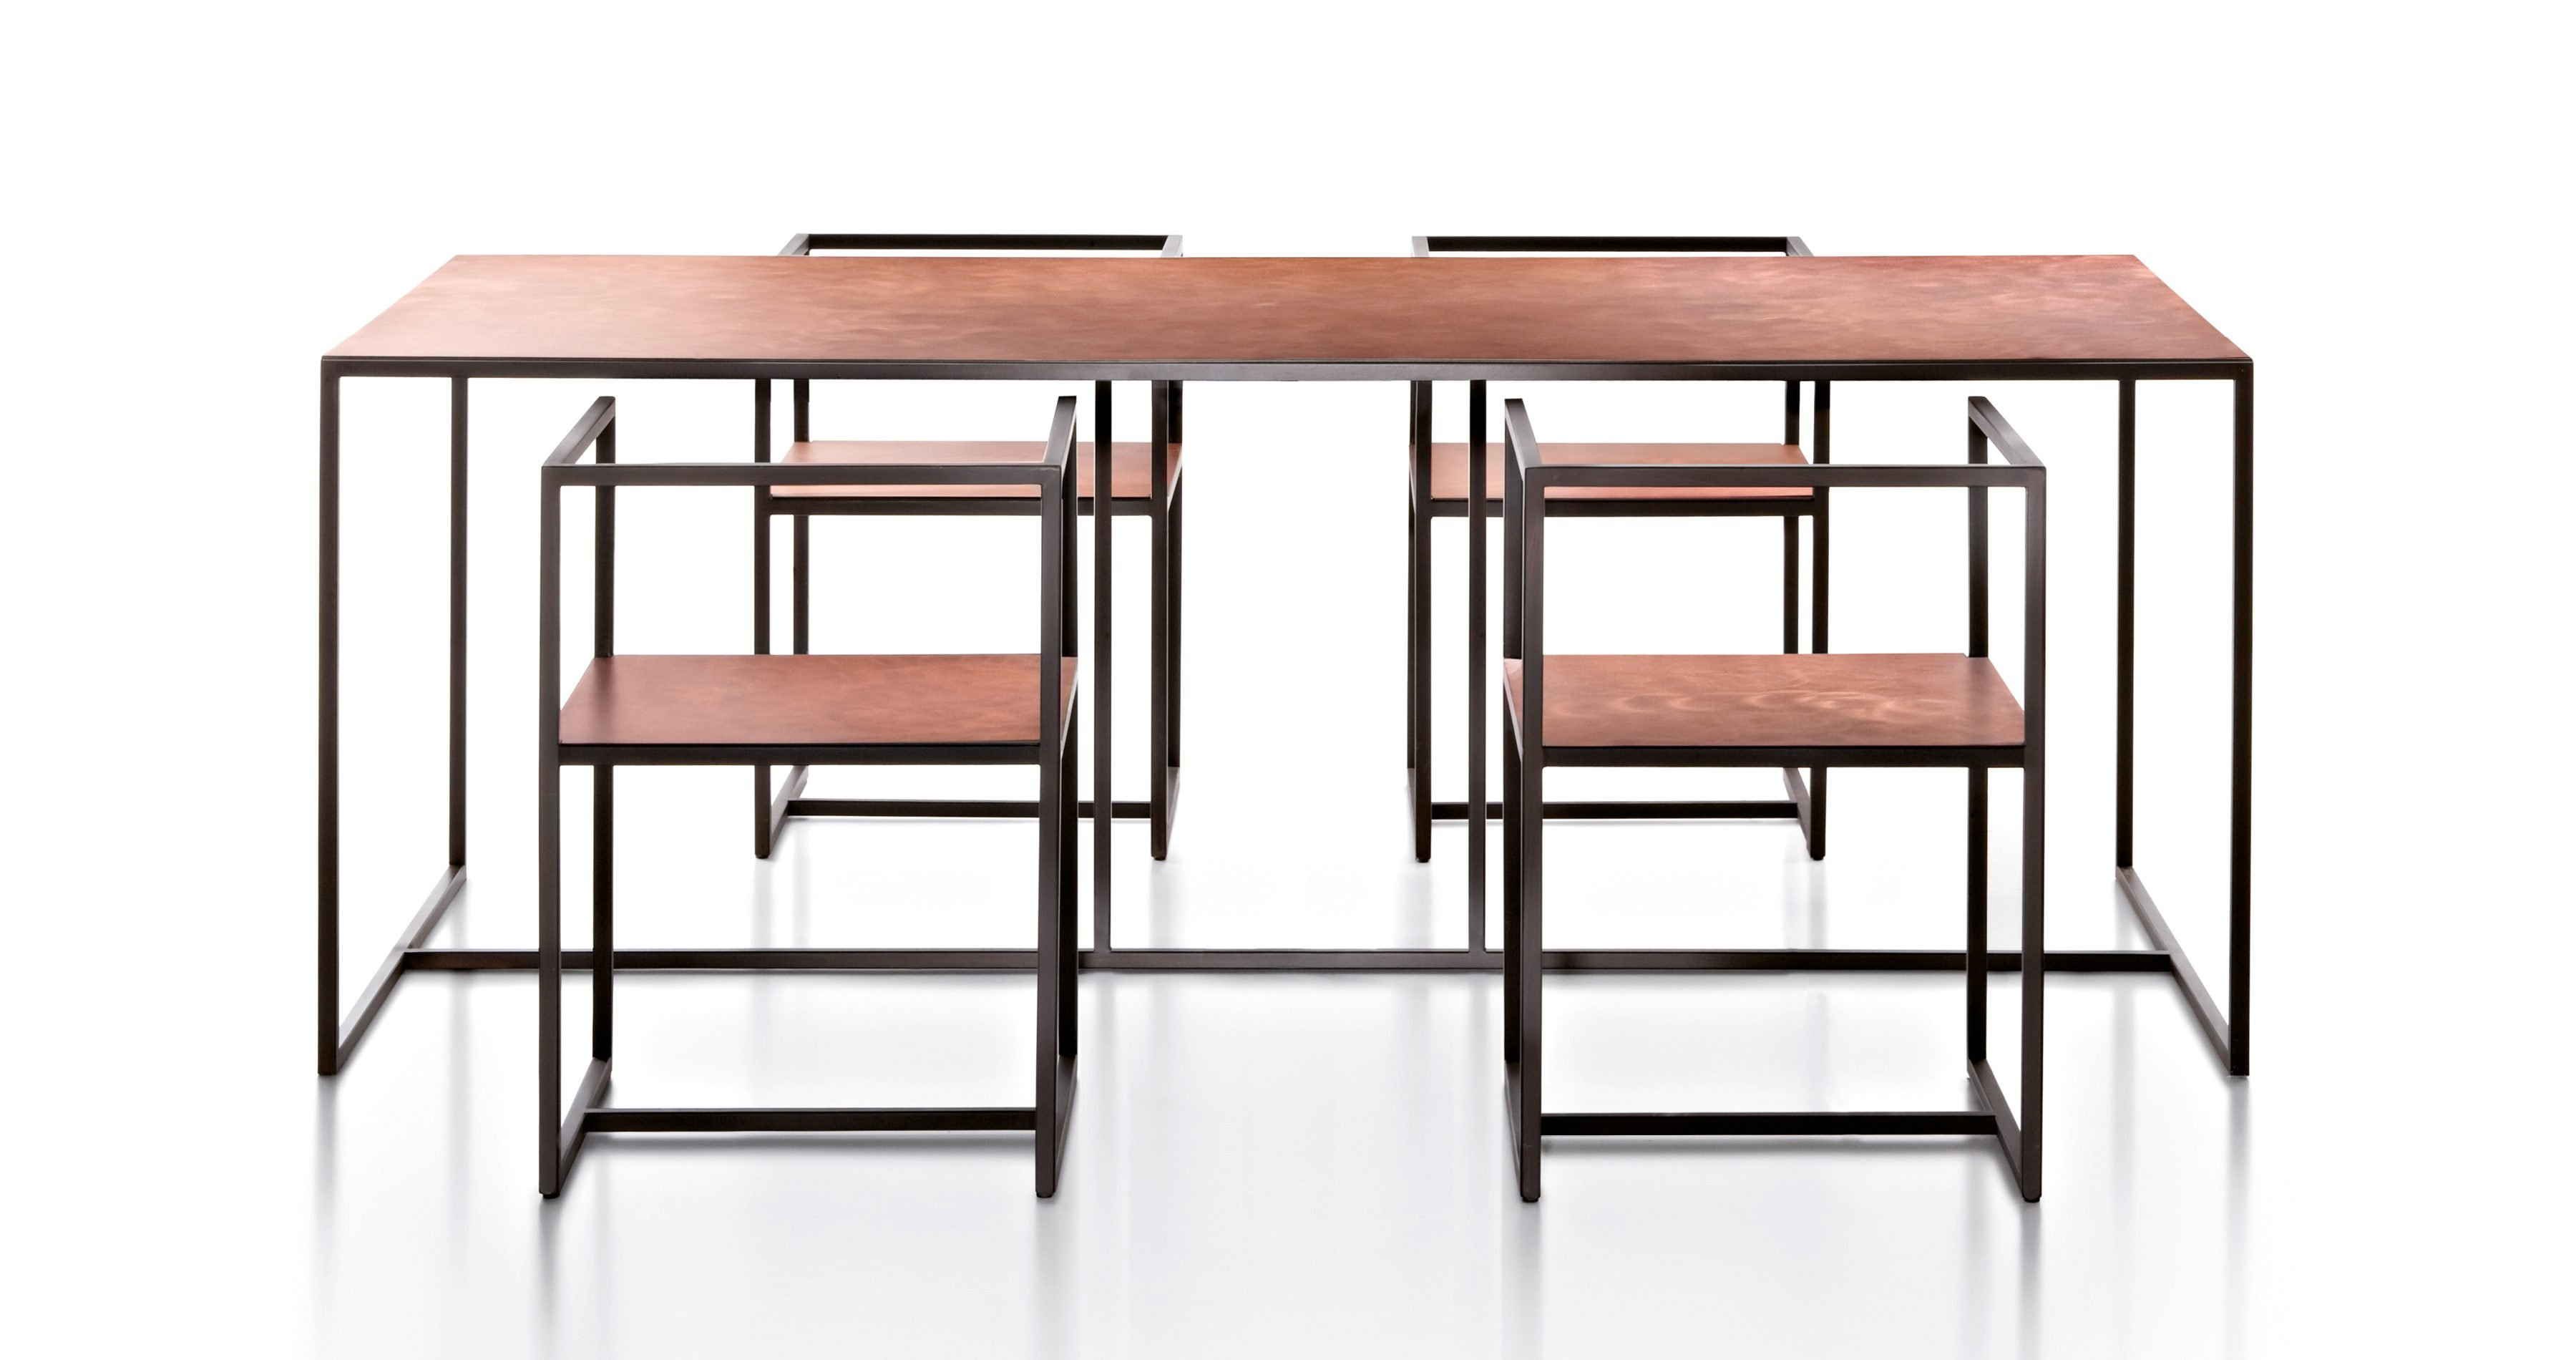 Riviera Table dining from De Castelli, designed by Aldo Cibic